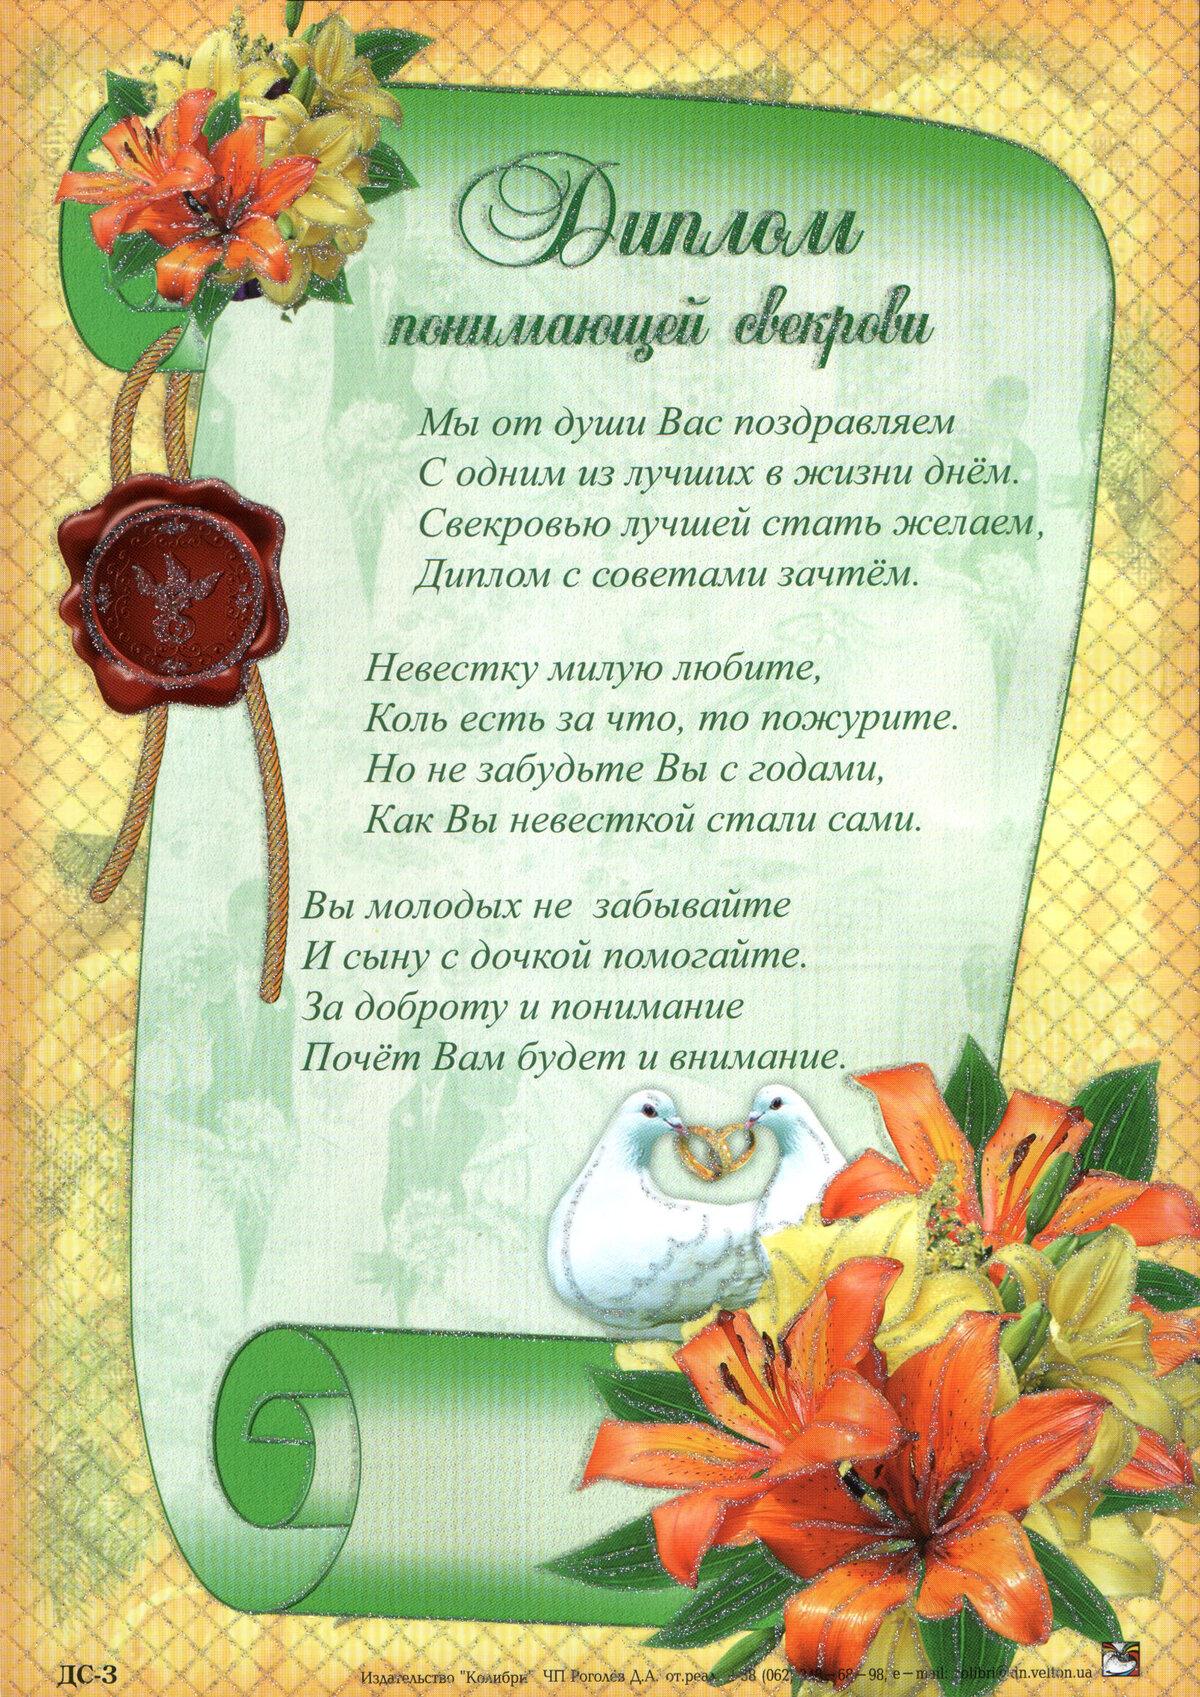 Поздравления свекрови для снохи на свадьбе